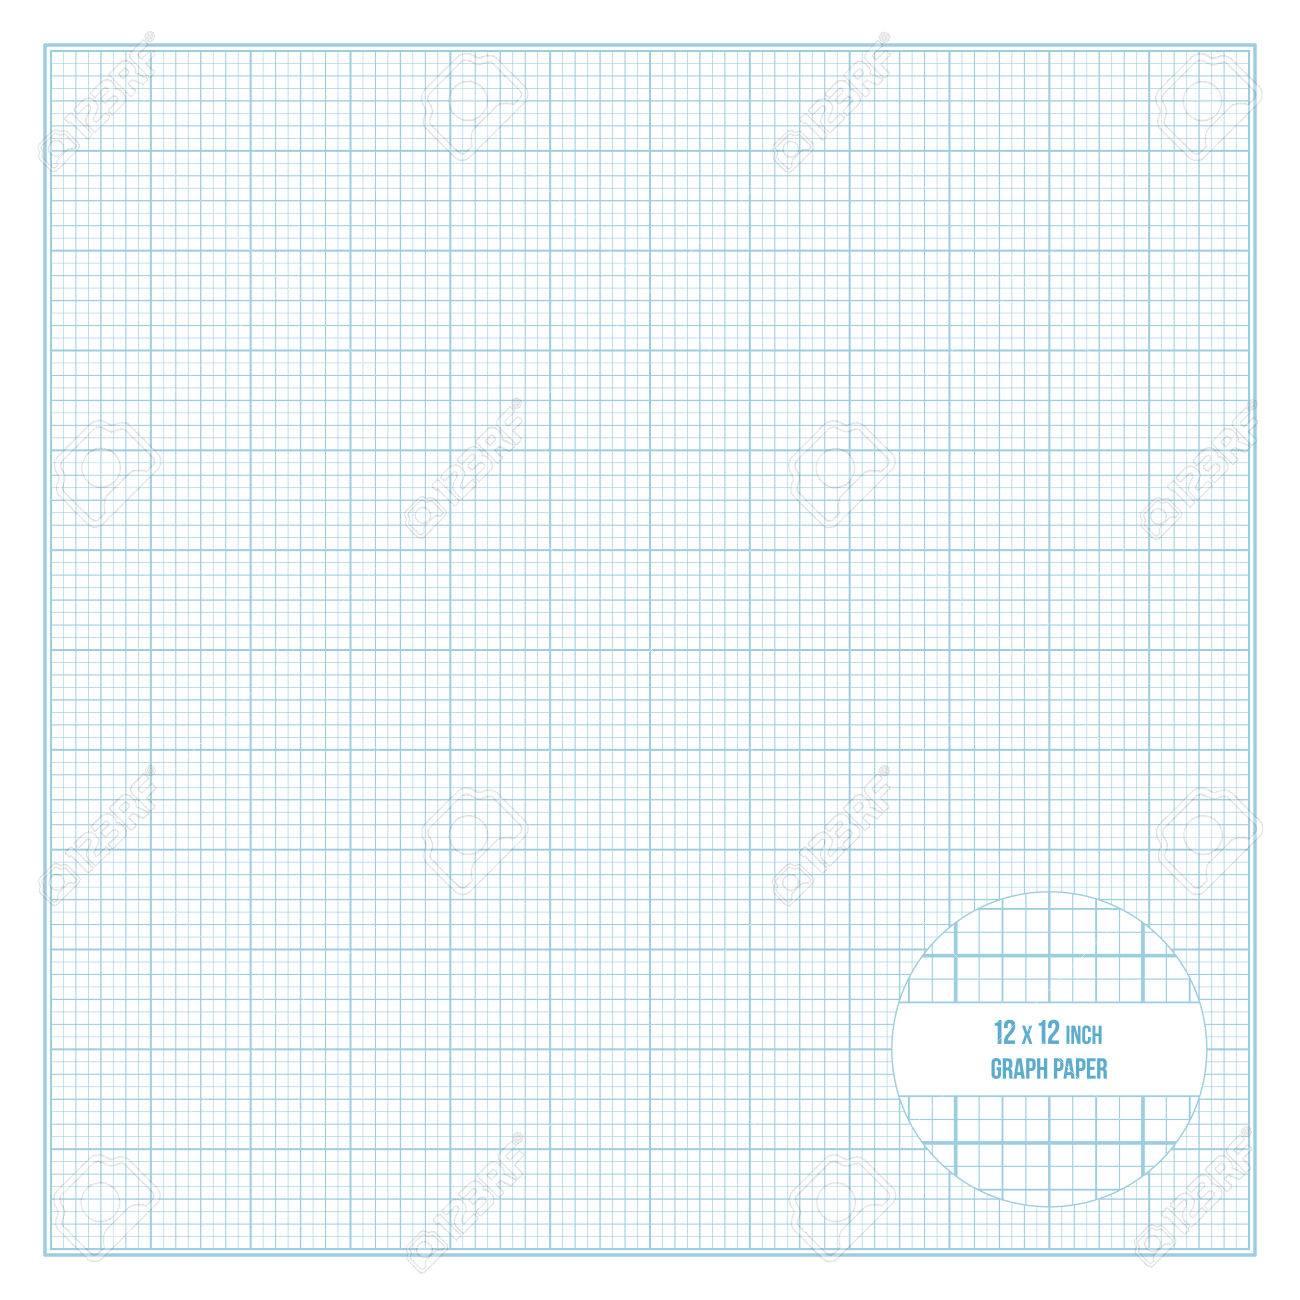 Niedlich Druckbare Millimeterpapier Vorlage Galerie - Entry Level ...